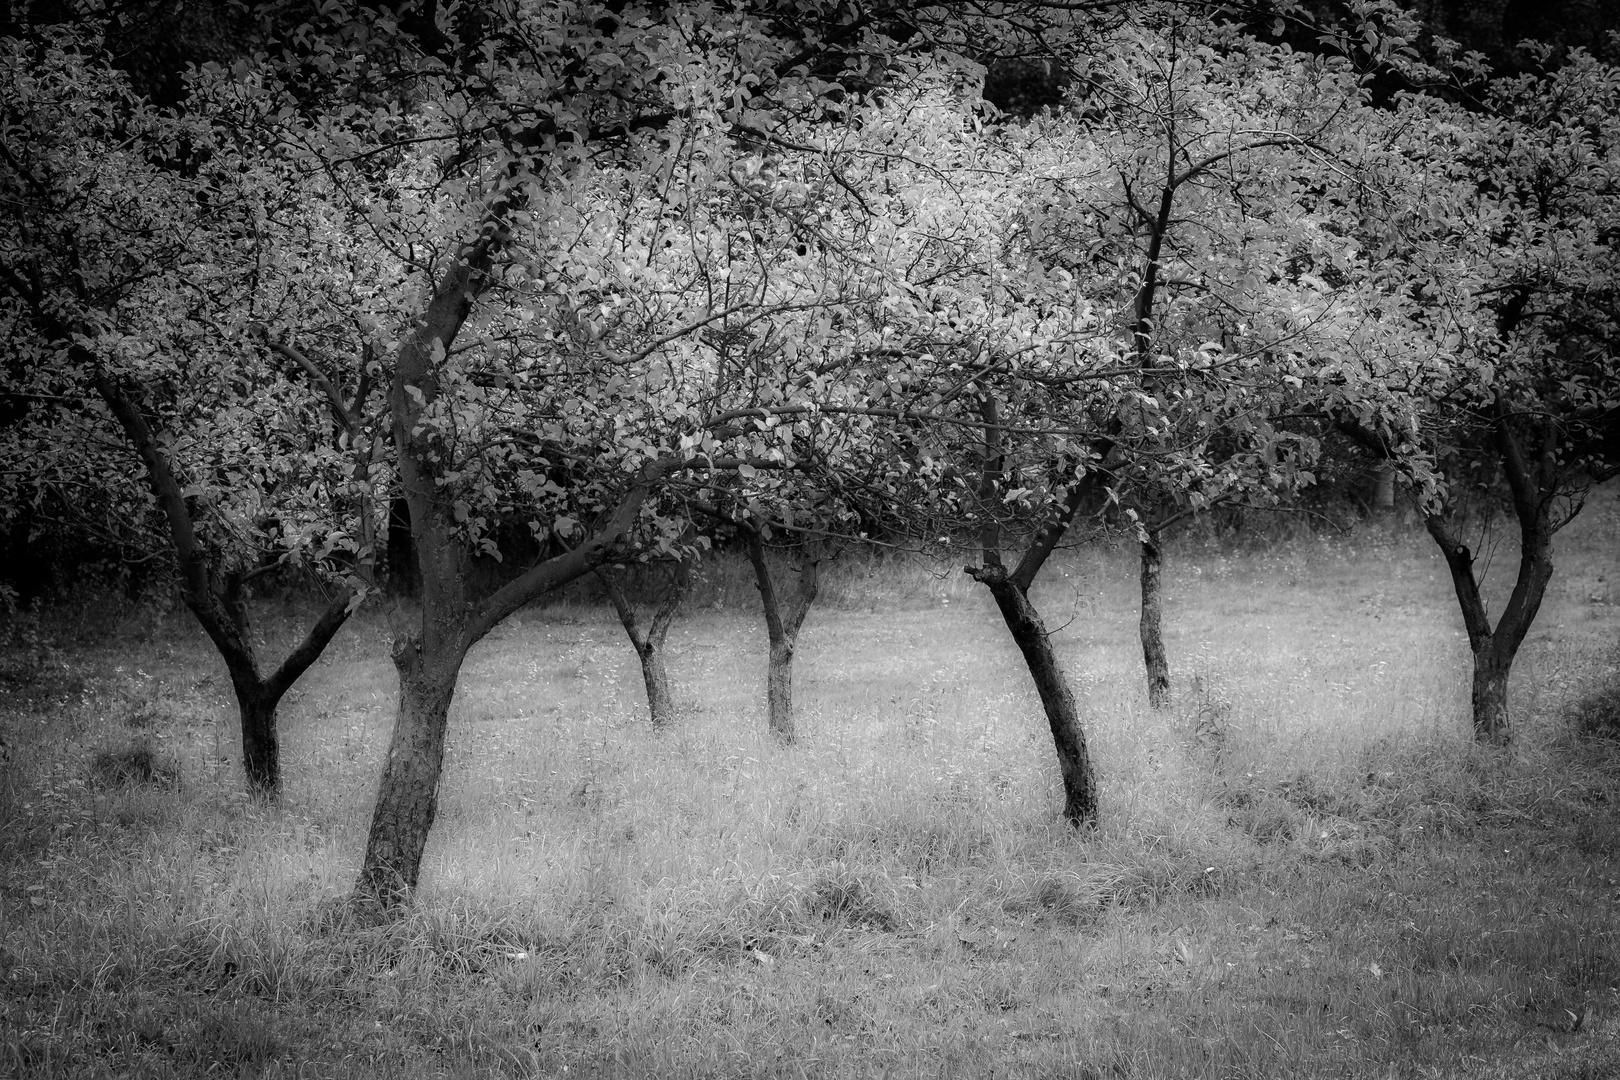 Apfelbaumgarten, Doberschau-Gaußig , Naundorfer strasse - Sachsen.